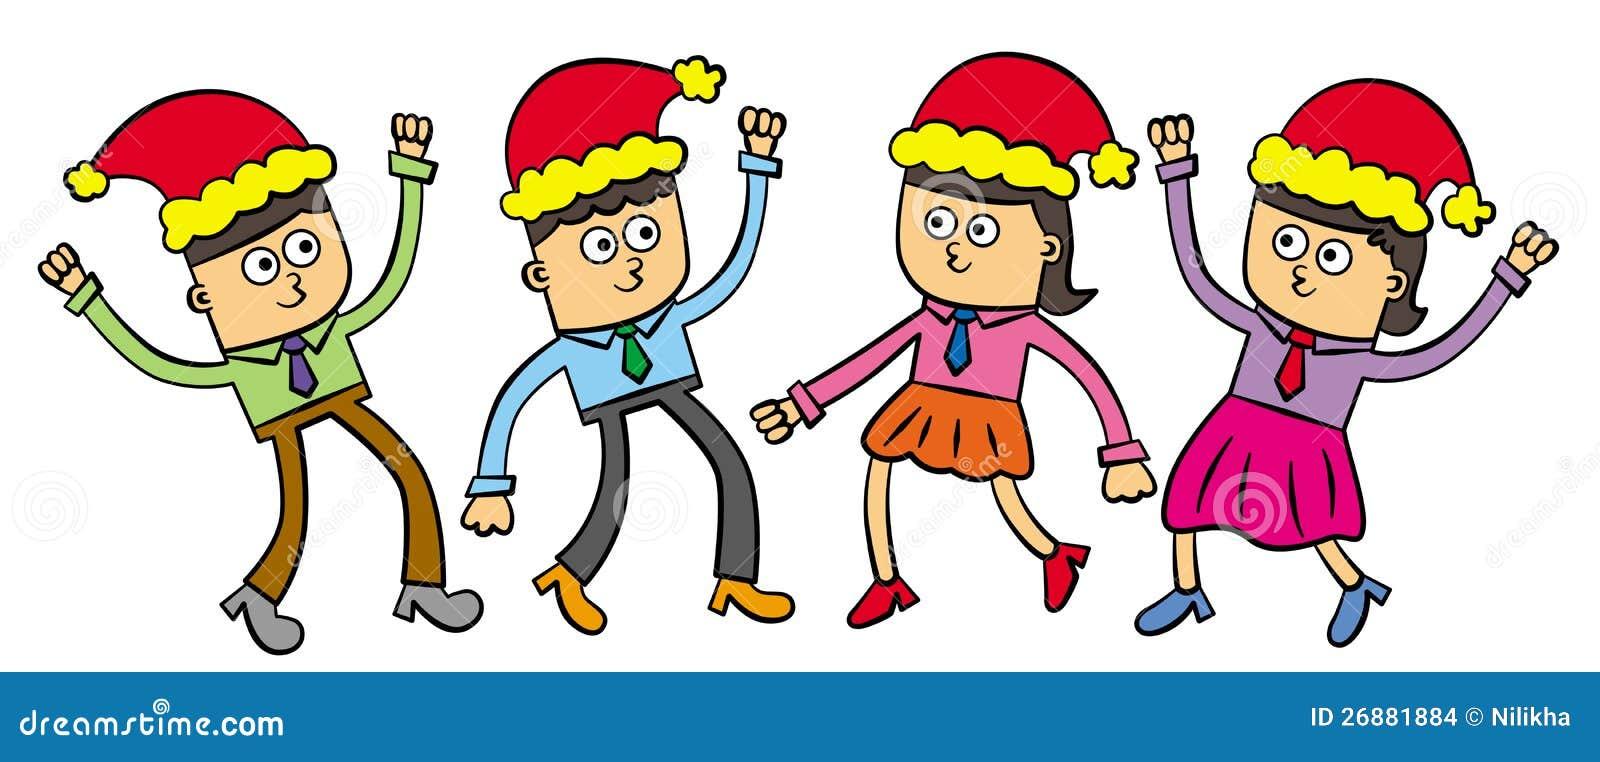 Fiesta de navidad de la oficina stock de ilustraci n for Fiesta en la oficina